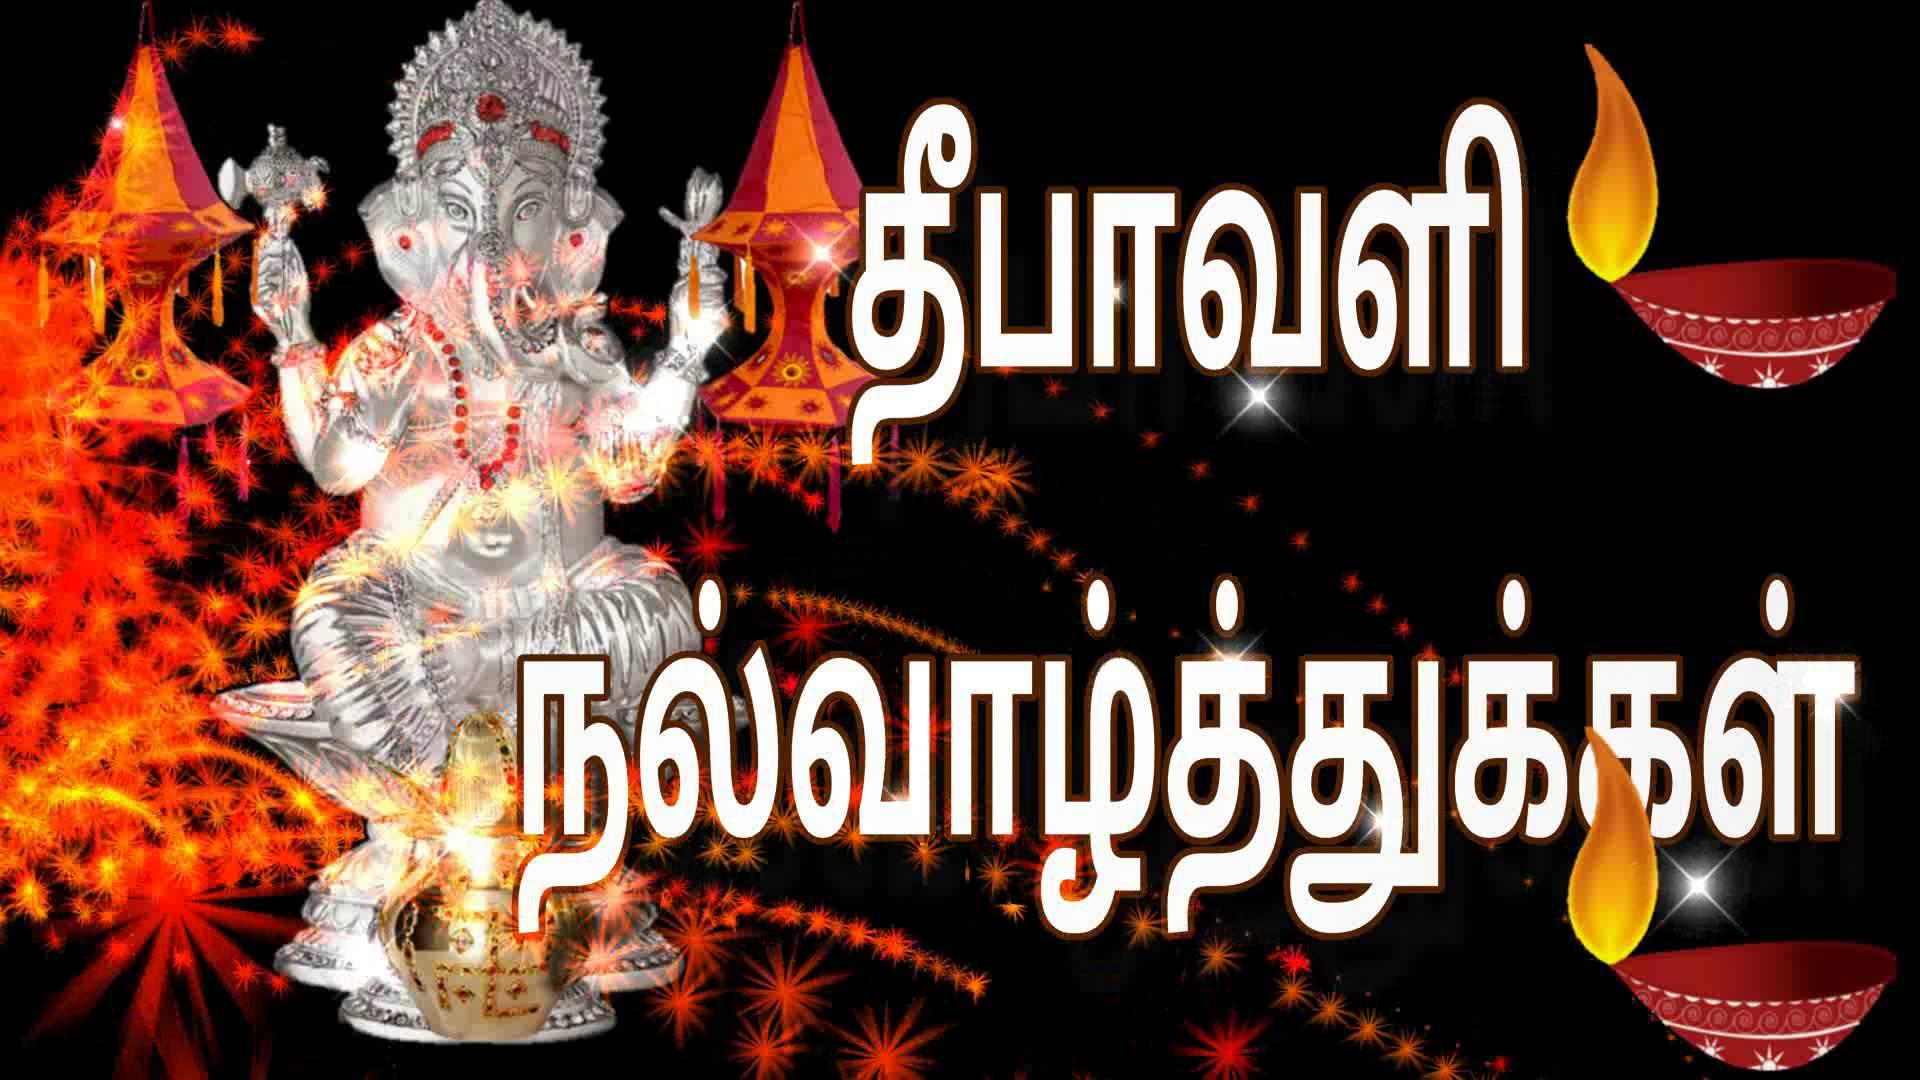 Diwali Images in Tamil & Telugu